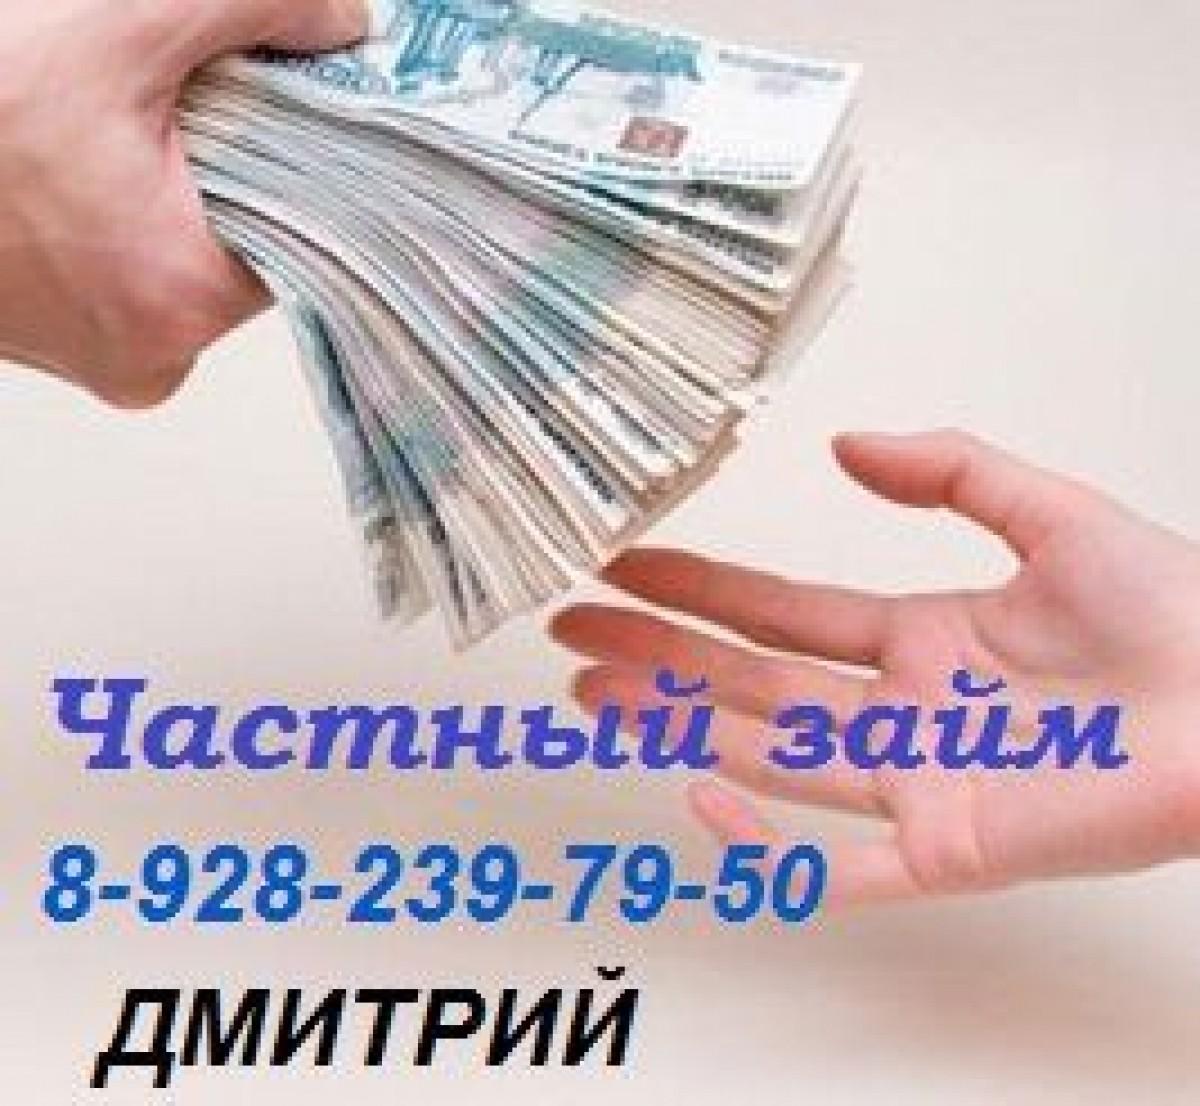 частный займ под расписку воронеж